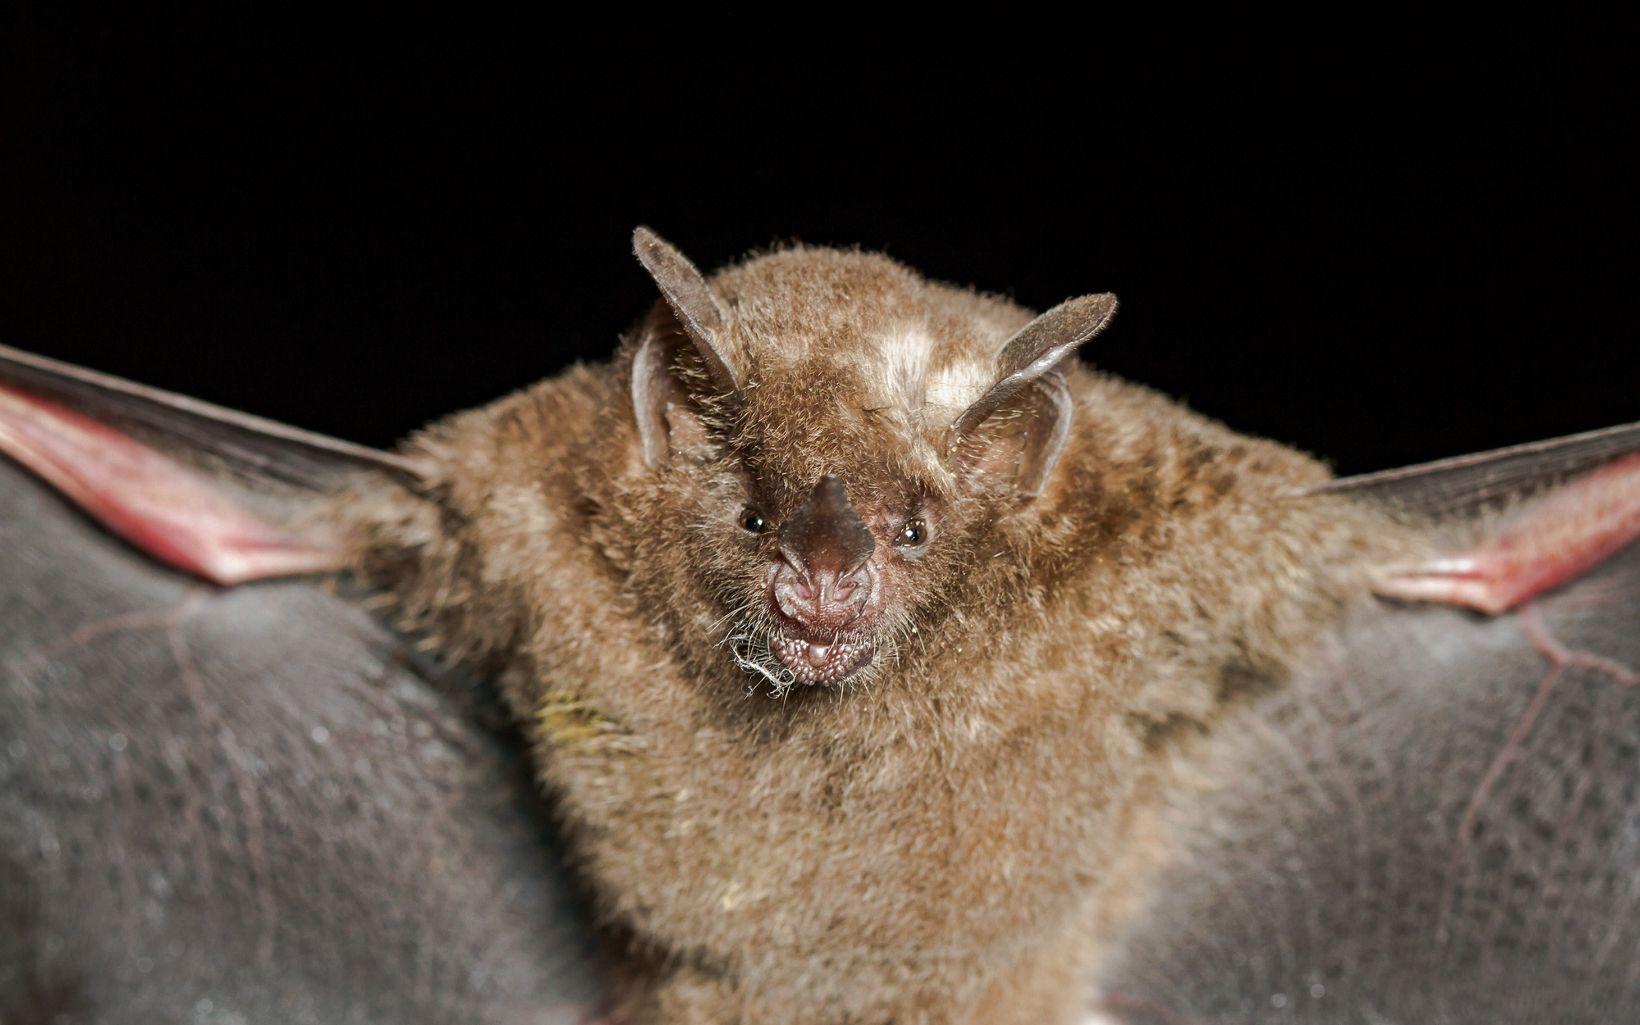 La biodiversidad es indispensable para garantizar los beneficios naturales de una finca, como el agua o la fertilidad. Aves y murciélagos son fundamentales para los bosques.